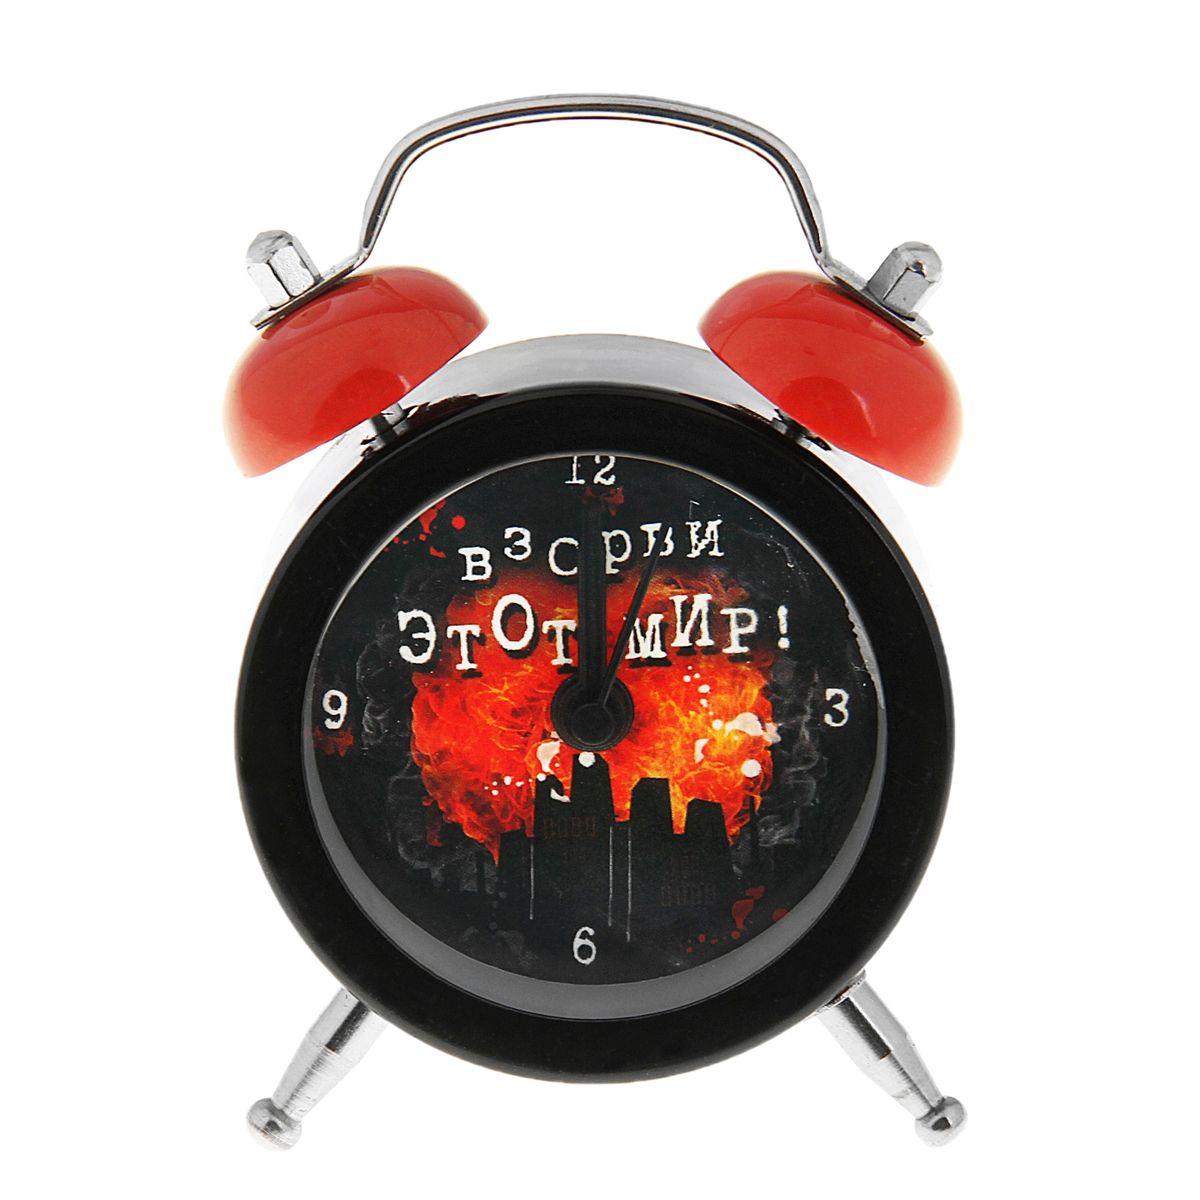 Часы-будильник Sima-land Взорви этот мирAJ3115/12Как же сложно иногда вставать вовремя! Всегда так хочется поспать еще хотя бы 5 минут и бывает, что мы просыпаем. Теперь этого не случится! Яркий, оригинальный будильник Sima-land Взорви этот мир поможет вам всегда вставать в нужное время и успевать везде и всюду. Будильник украсит вашу комнату и приведет в восхищение друзей. Эта уменьшенная версия привычного будильника умещается на ладони и работает так же громко, как и привычные аналоги. Время показывает точно и будит в установленный час.На задней панели будильника расположены переключатель включения/выключения механизма, а также два колесика для настройки текущего времени и времени звонка будильника.Будильник работает от 1 батарейки типа LR44 (входит в комплект).